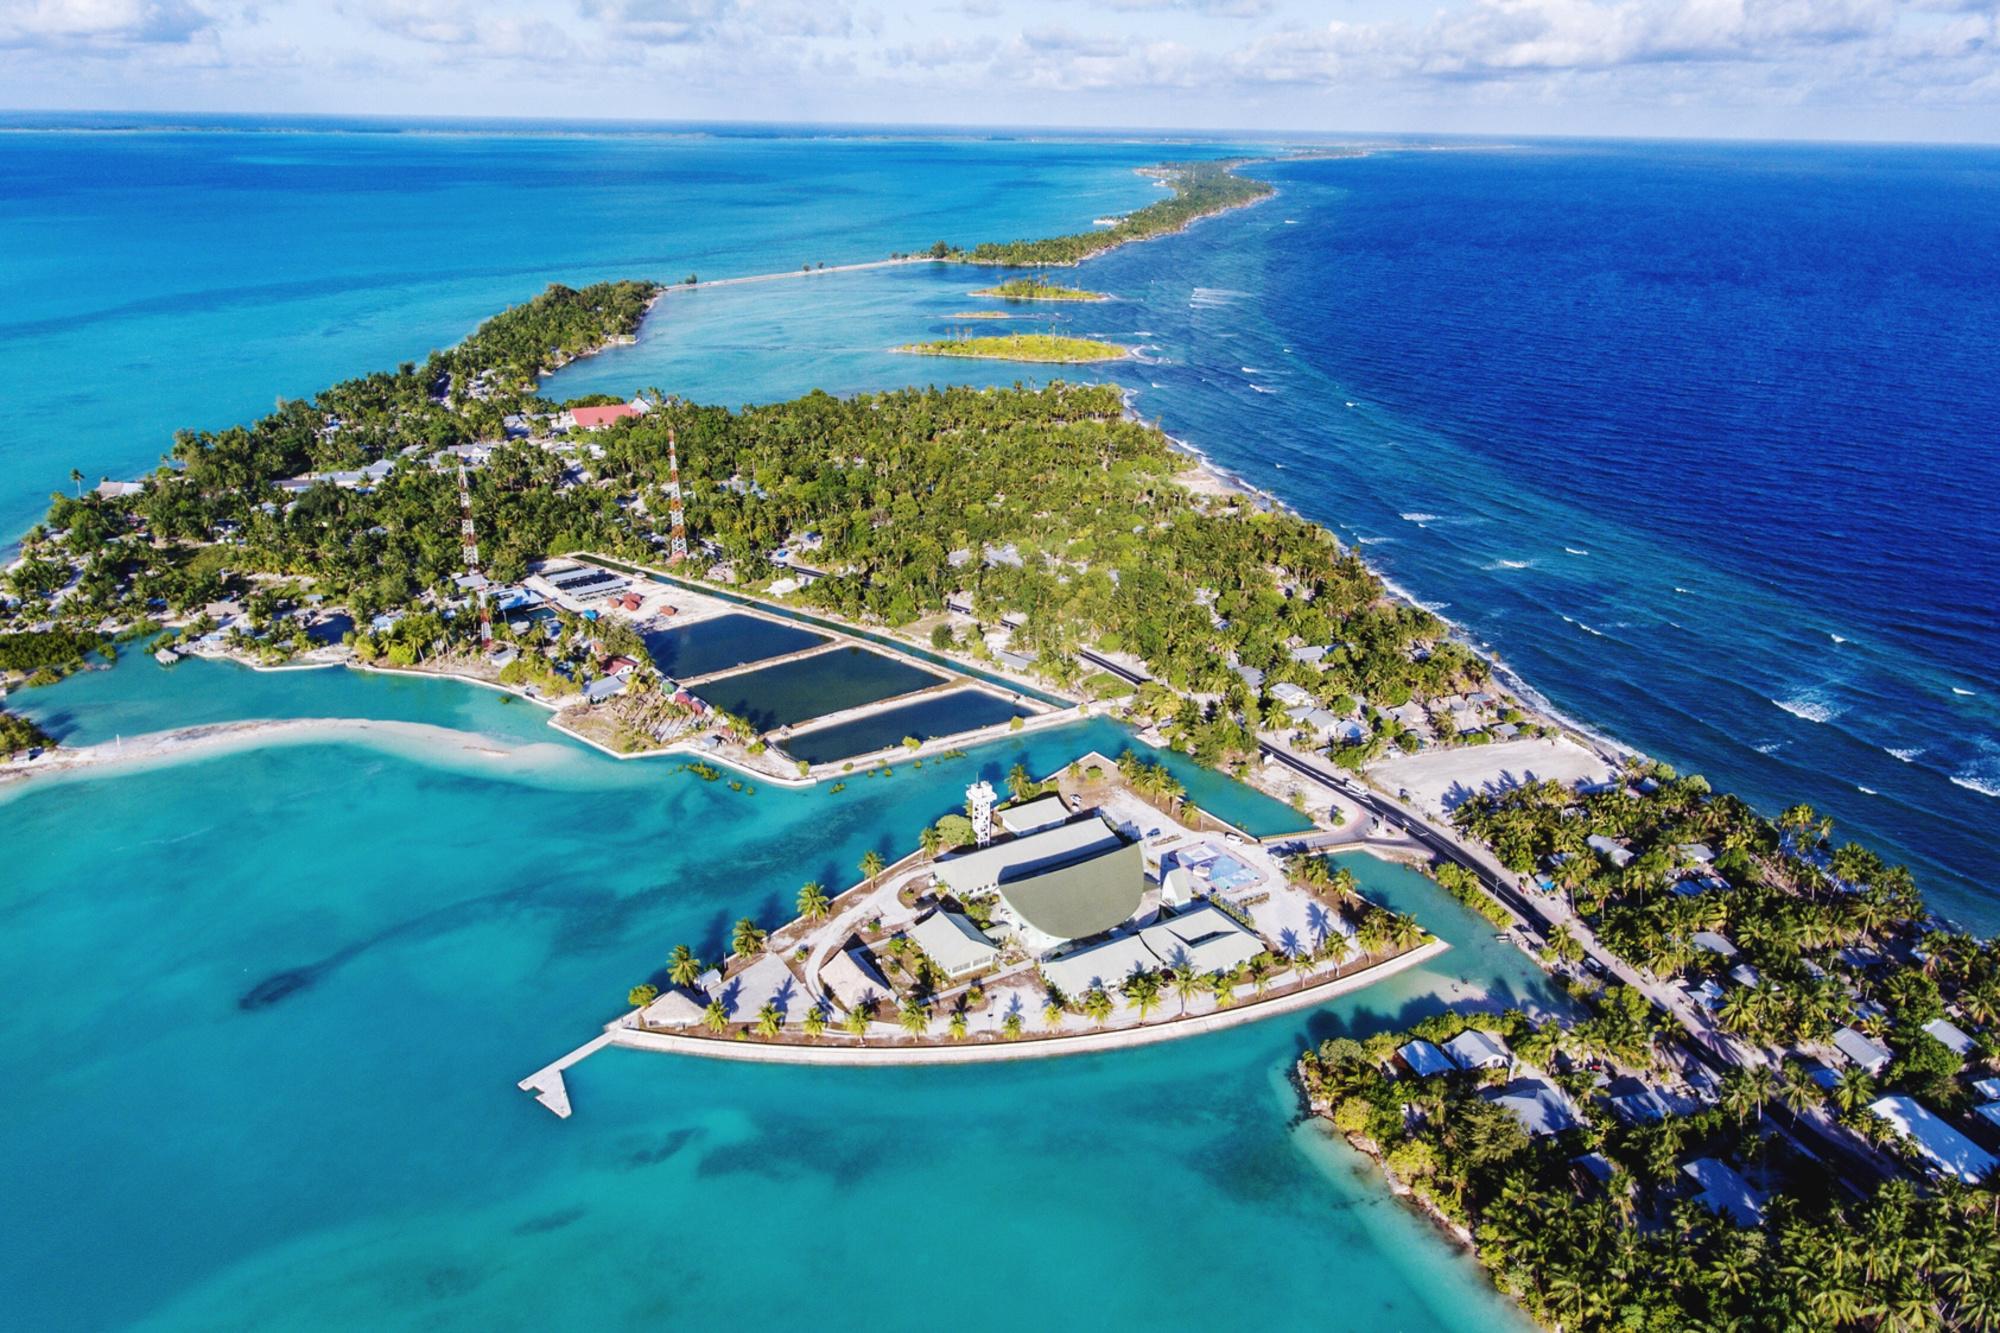 De Republiek Kiribati ligt in de Grote Oceaan, Getty